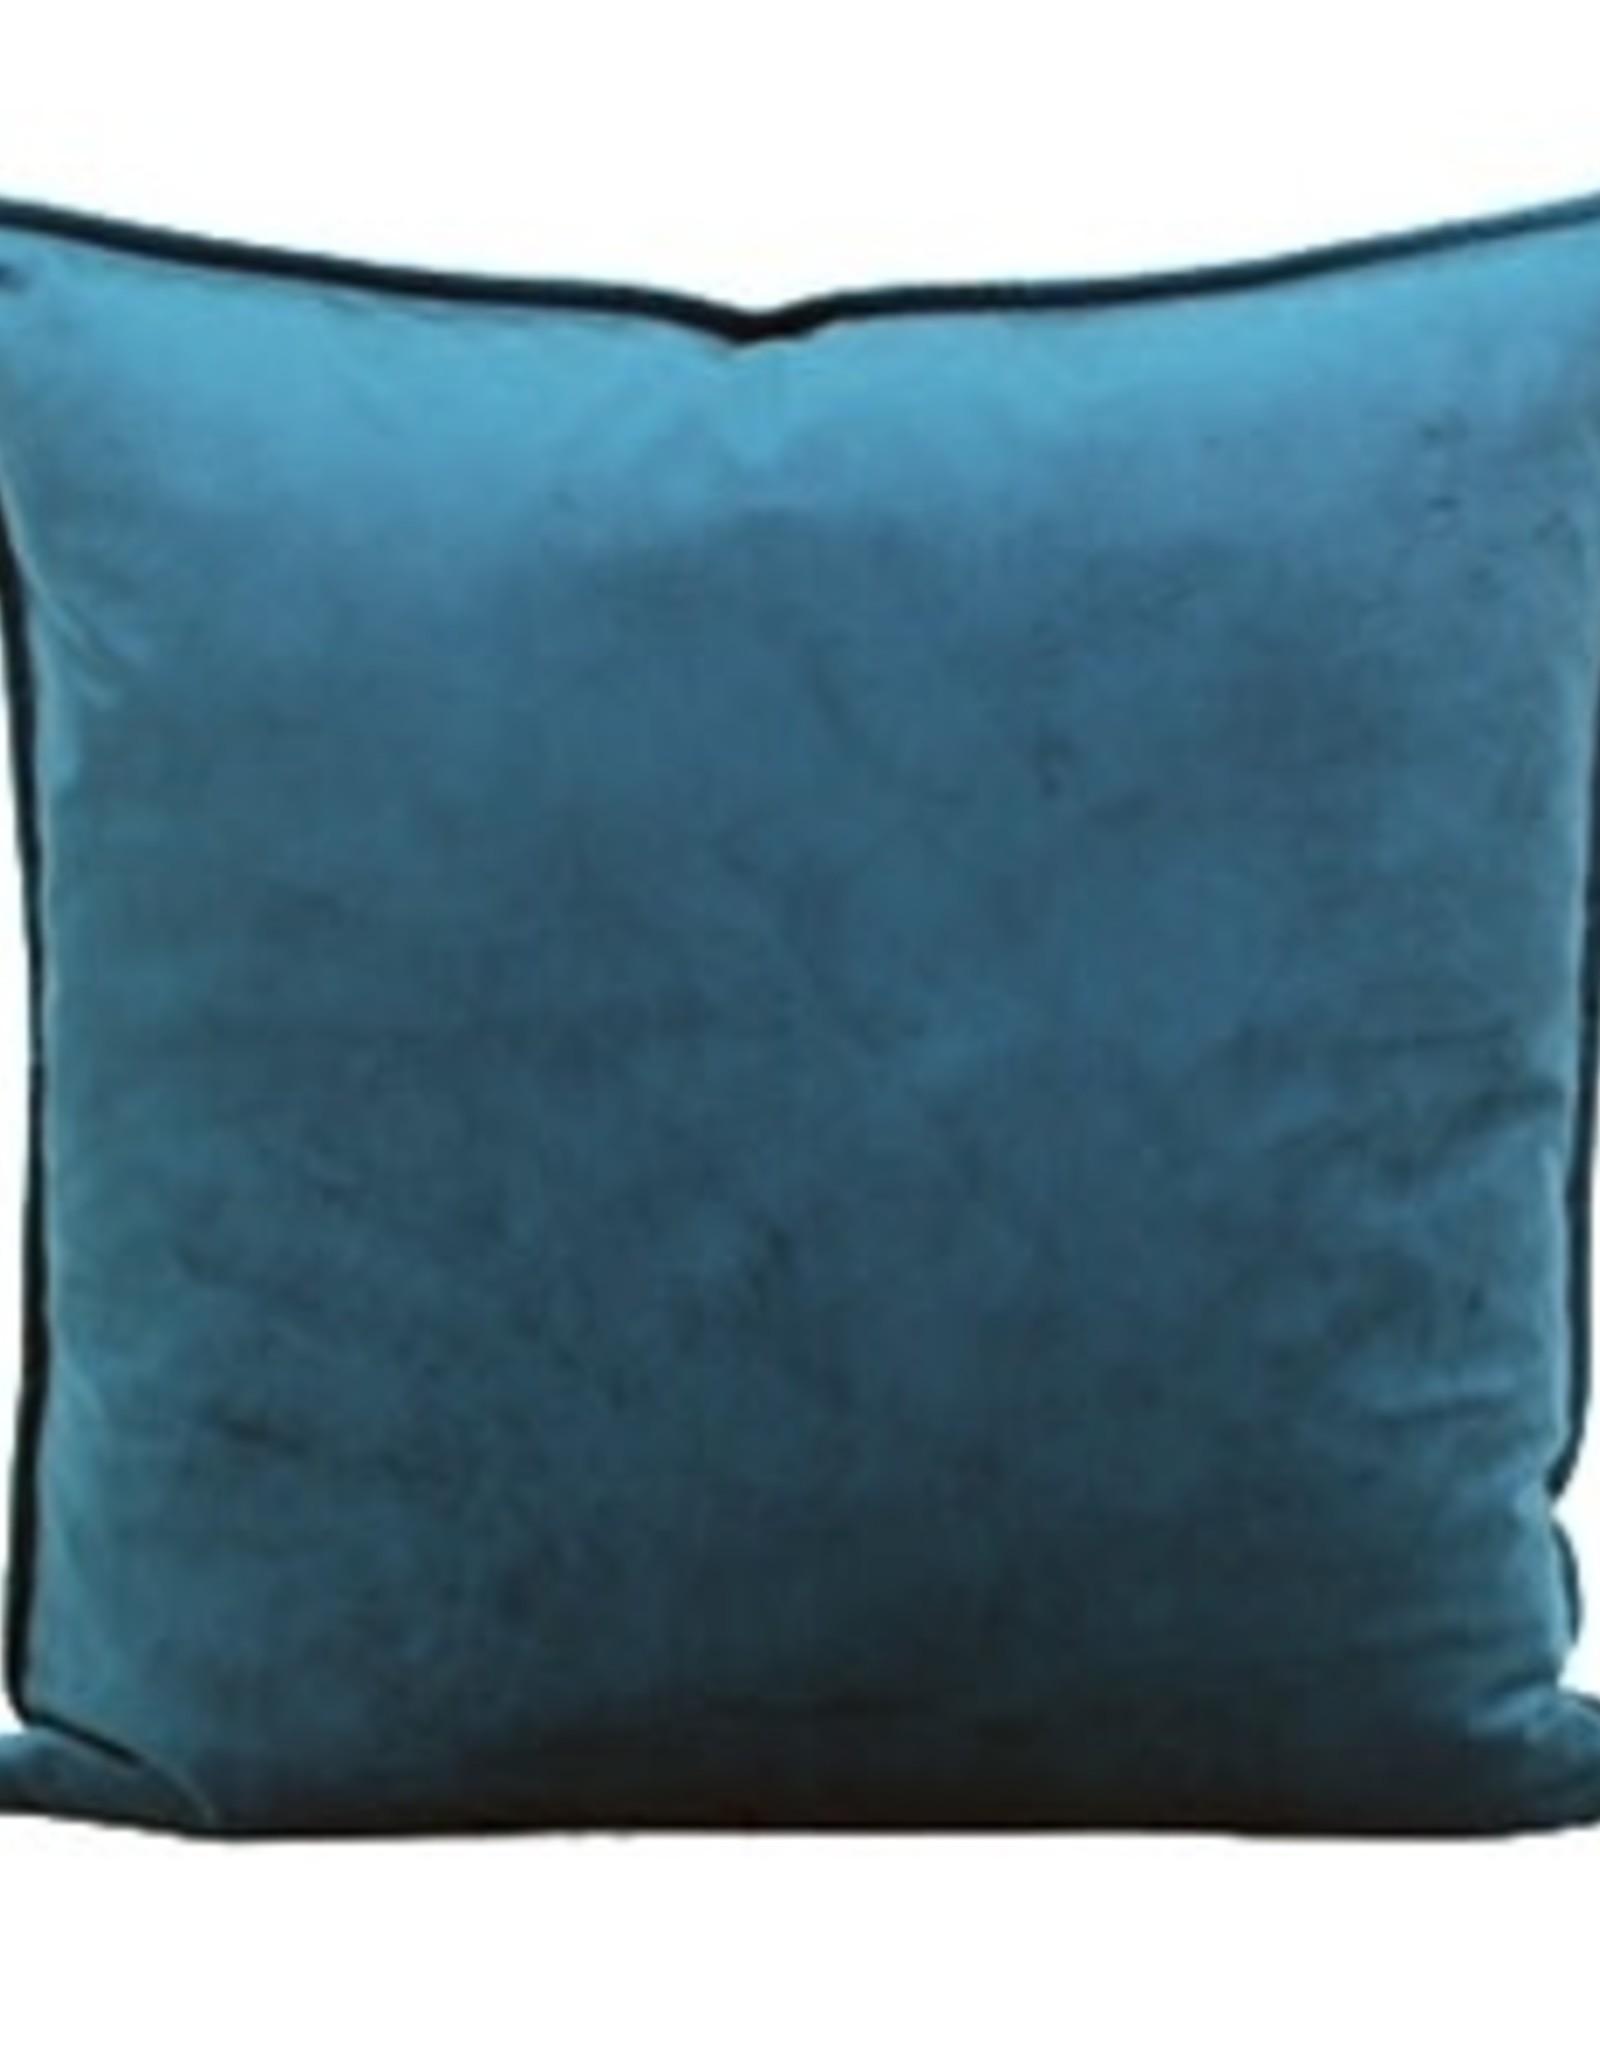 Daniadown Cushions Daniadown Dutch Velvet